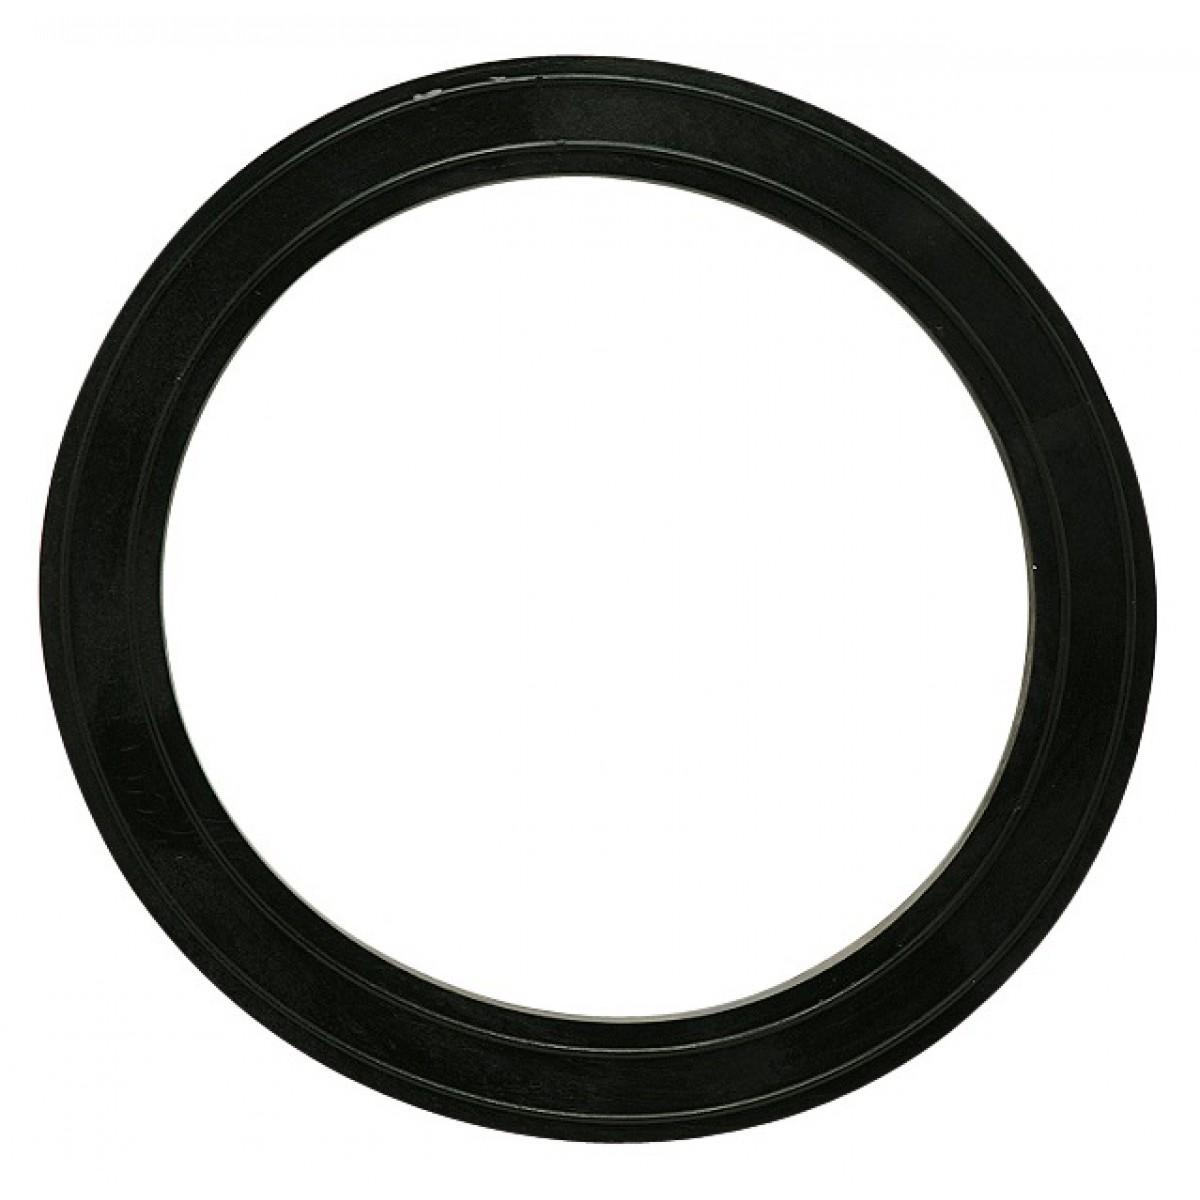 Joint de centrage caoutchouc entre cuvette et réservoir Gripp - Diamètre extérieur 110 mm - Intérieur 85 mm